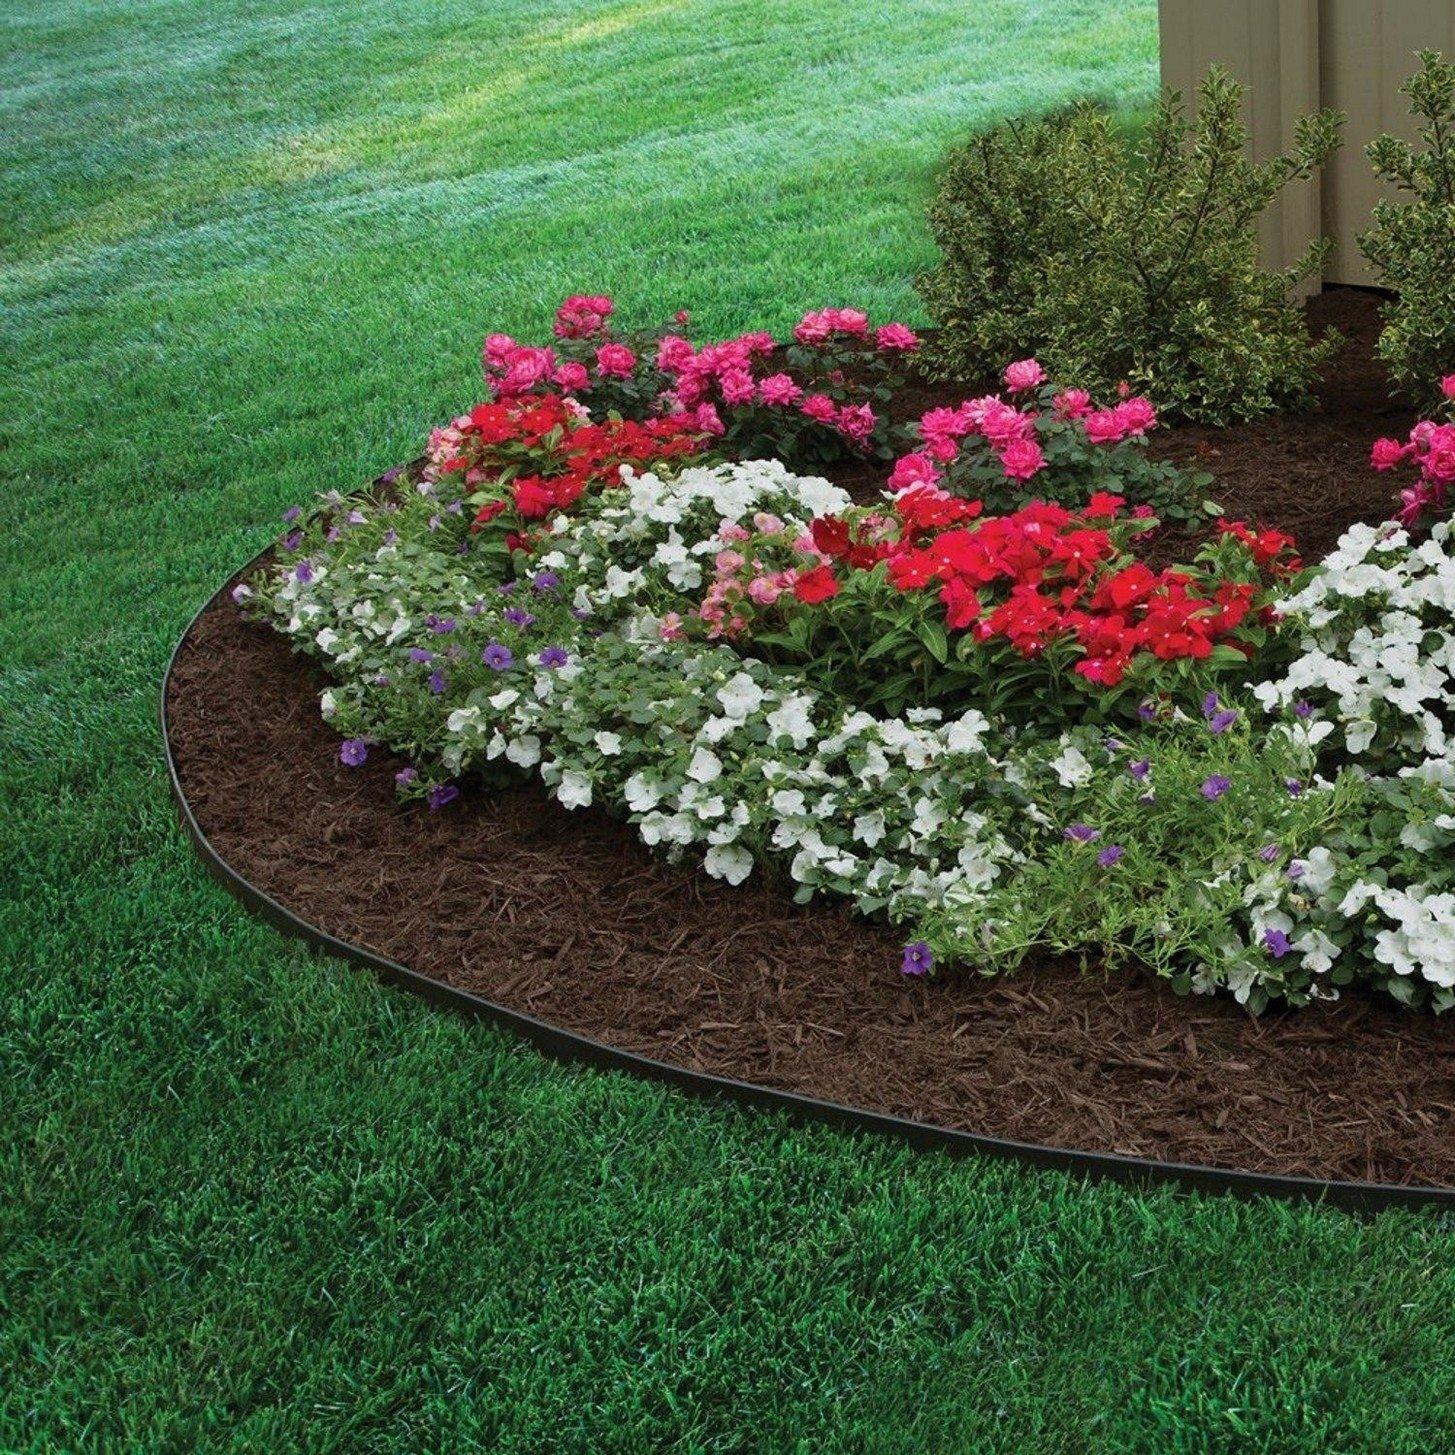 10 Lovable Cheap Flower Bed Edging Ideas best flower bed edging ideas for your home cheap landscape loversiq 1 2021